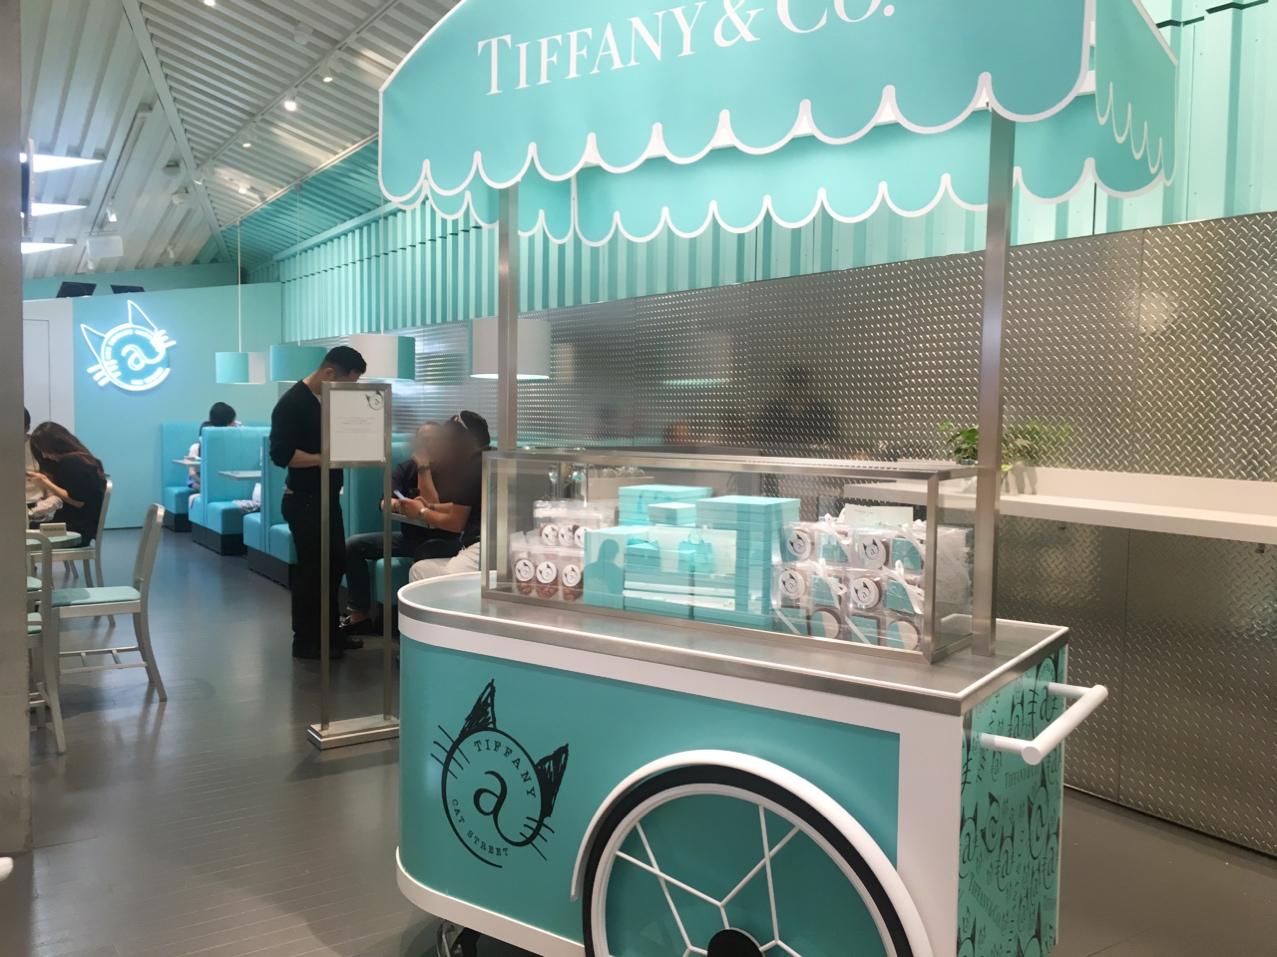 【Tiffany】もう行った?ティファニーカフェの現在の待ち状況は?_2